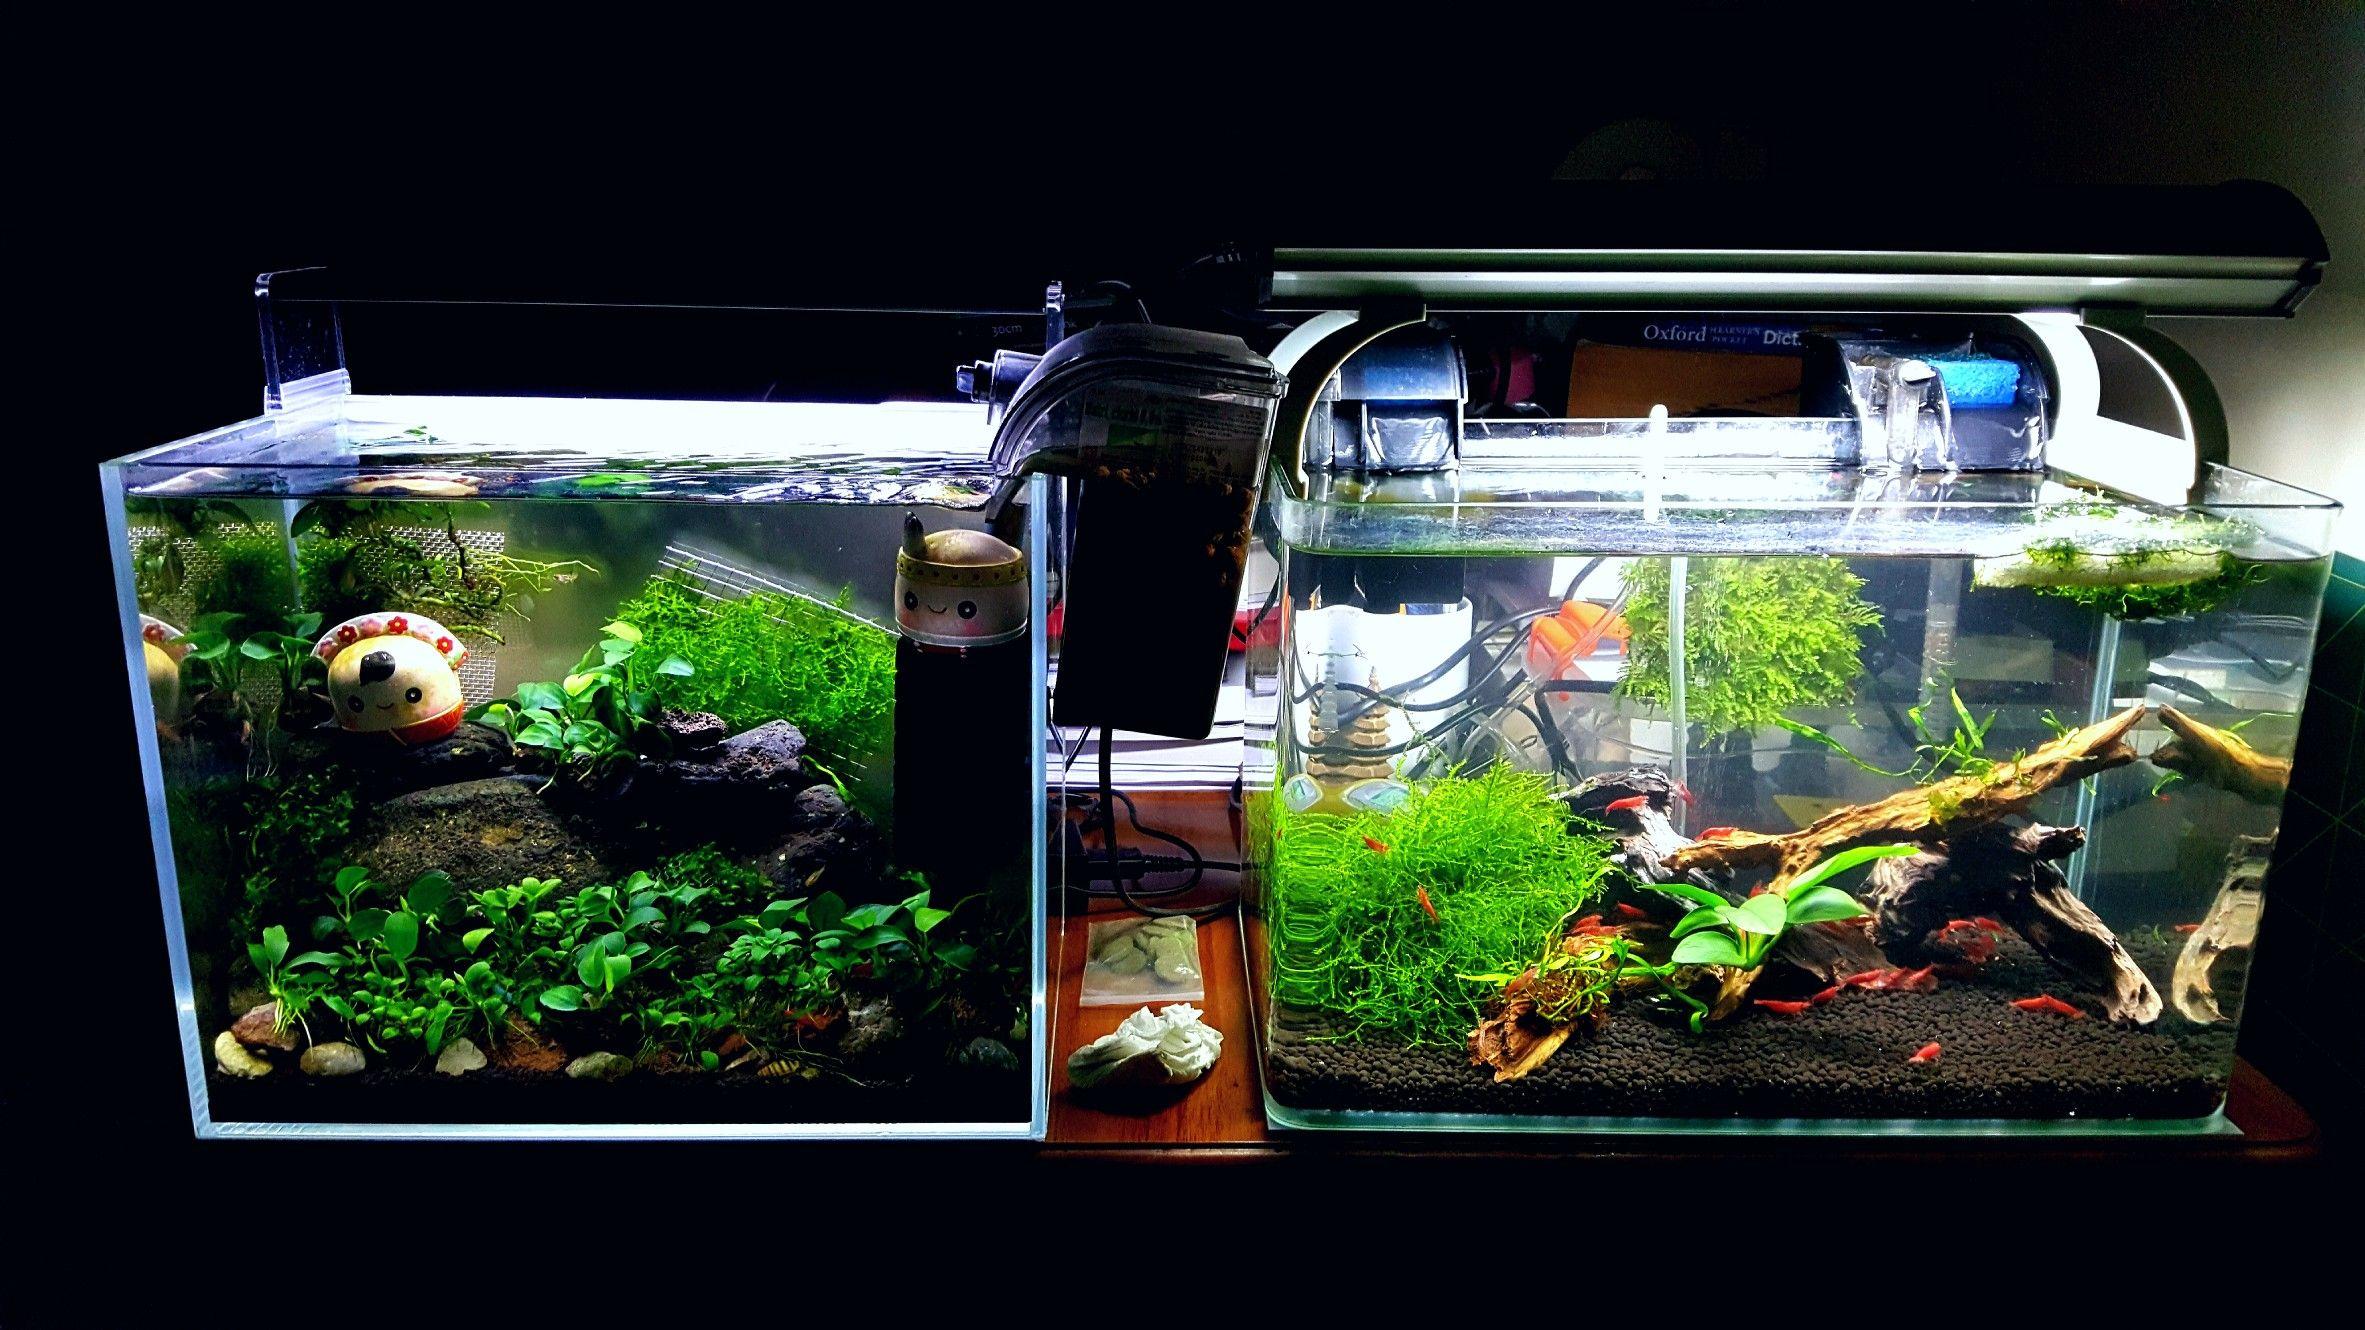 0c861495d979b398639baff6f2869c81 Luxe De Crevette Aquarium Des Idées